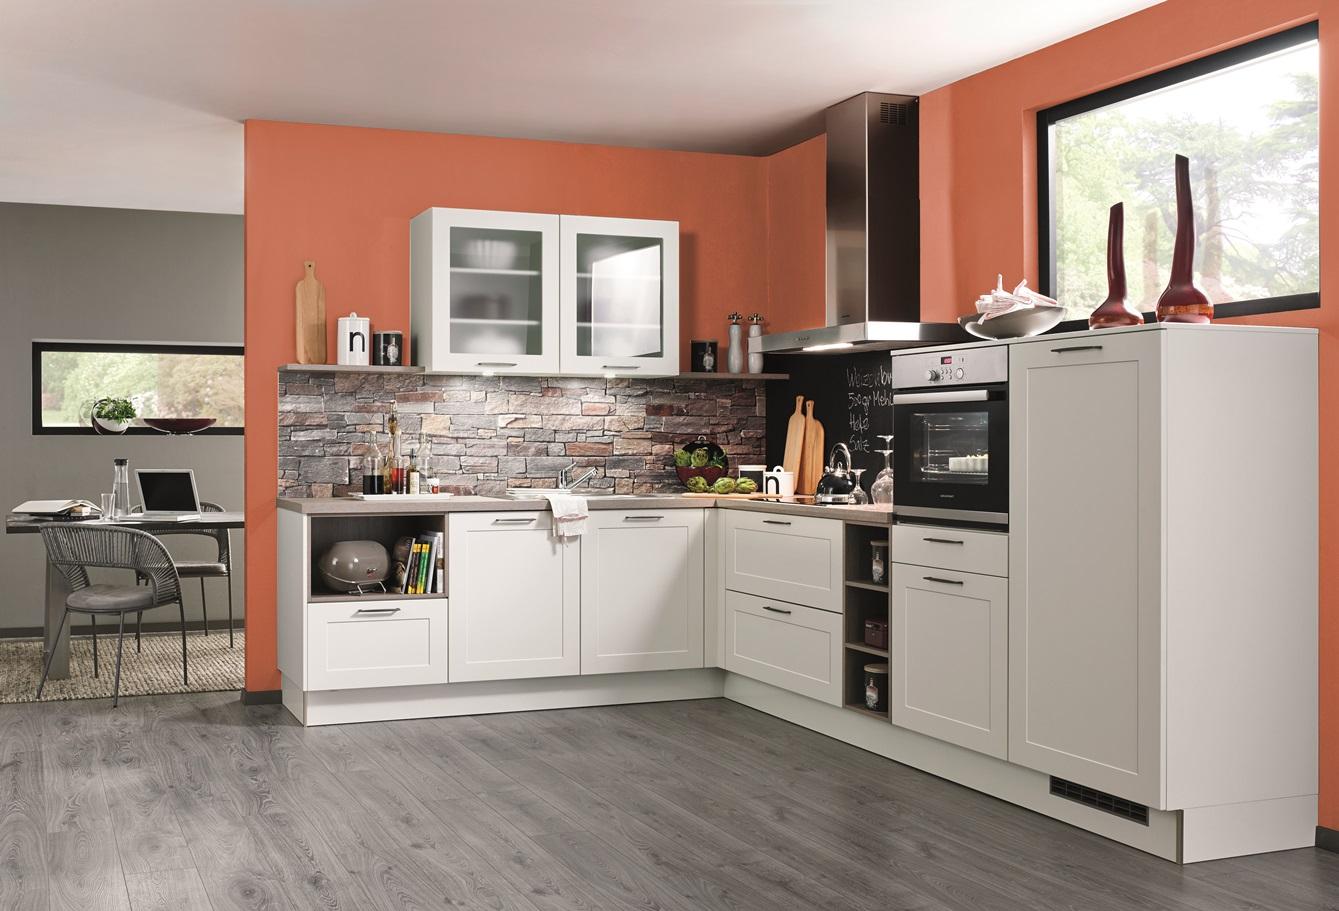 Full Size of Küche L Form Kaufen Küche L Form Ebay Kleinanzeigen Küche L Form Ohne Kühlschrank Küche L Form Ikea Küche Küche L Form